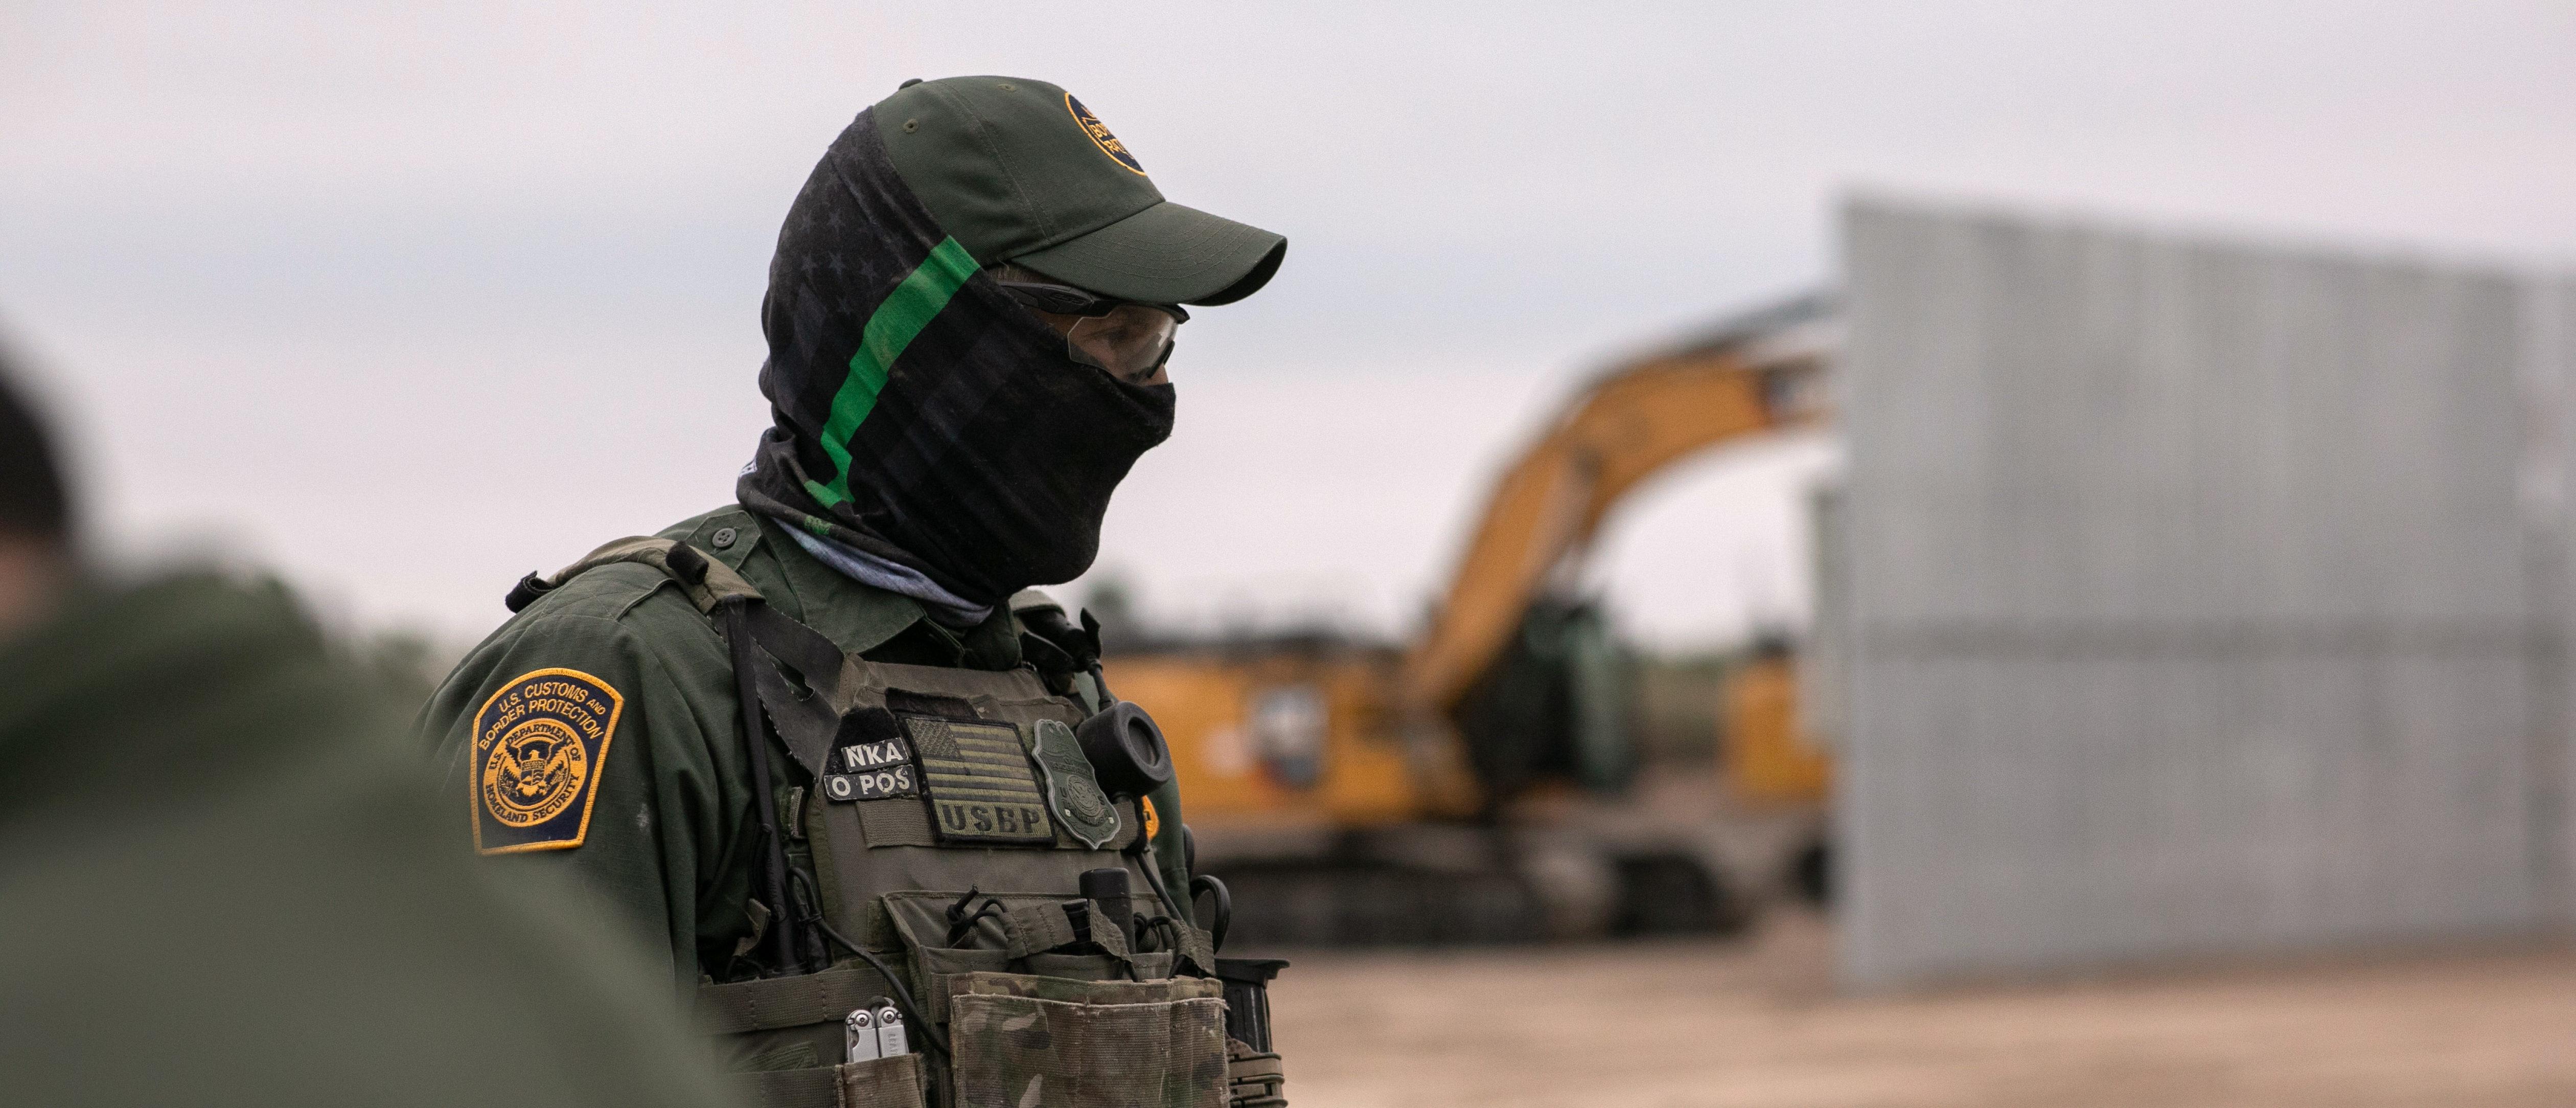 US Border Agents Patrol Rio Grande Valley As Migrant Crossings Drop